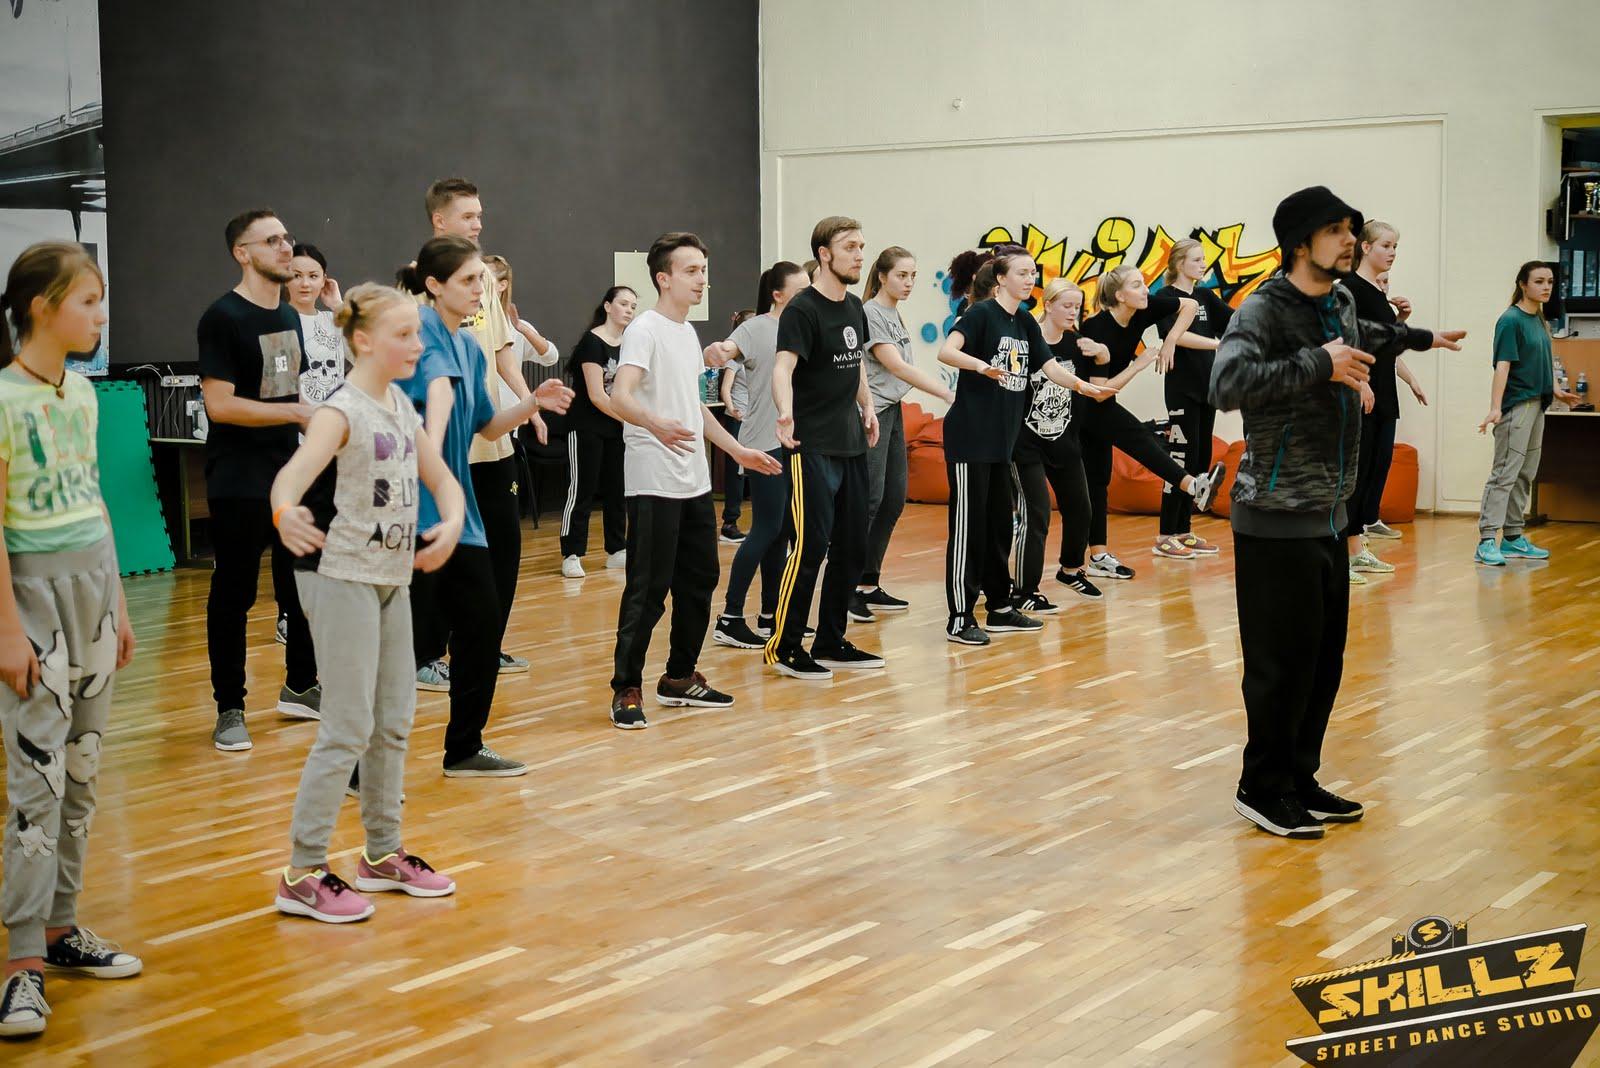 Hip hop seminaras su Jeka iš Maskvos - _1050188.jpg